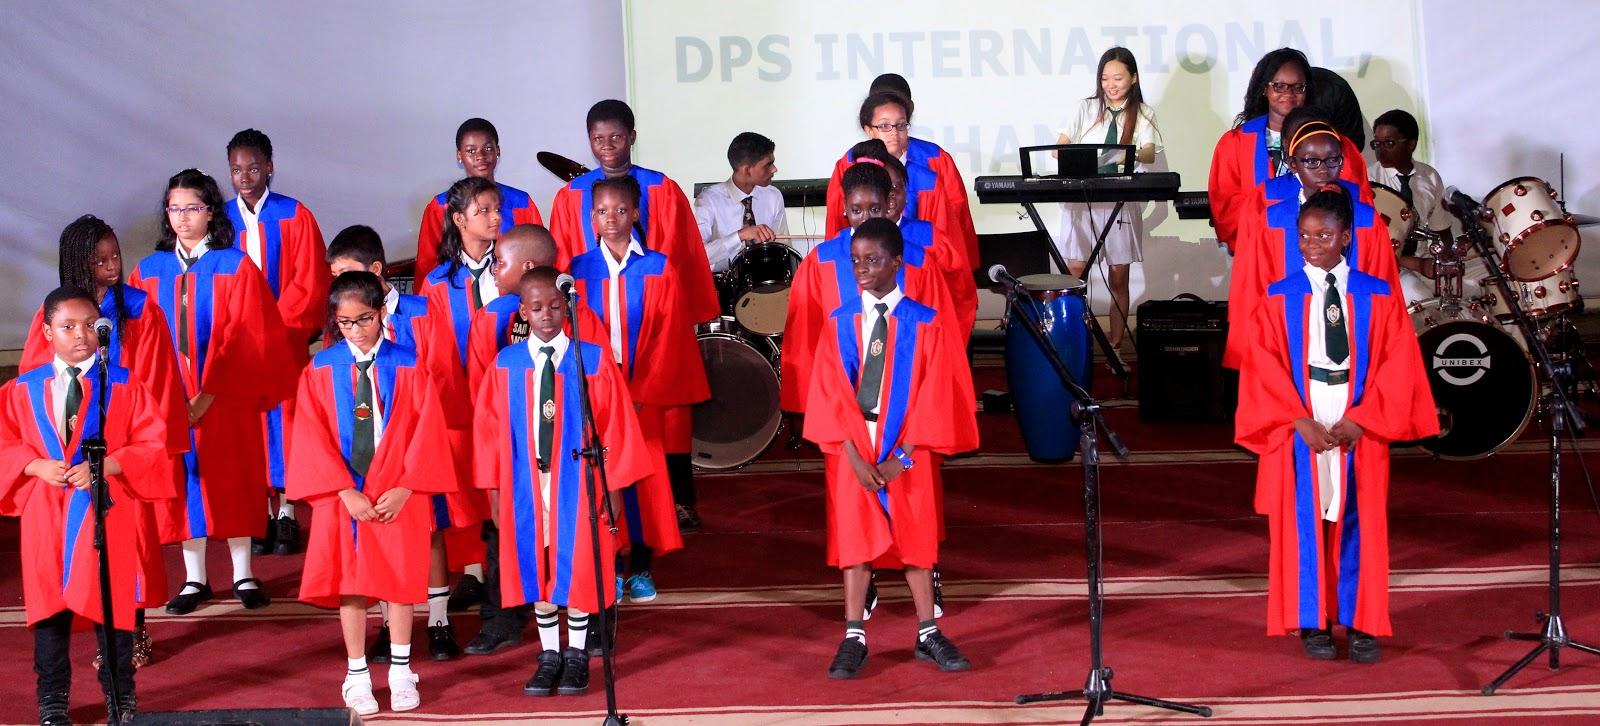 DPSI 07 PARTICIPANTS.JPG